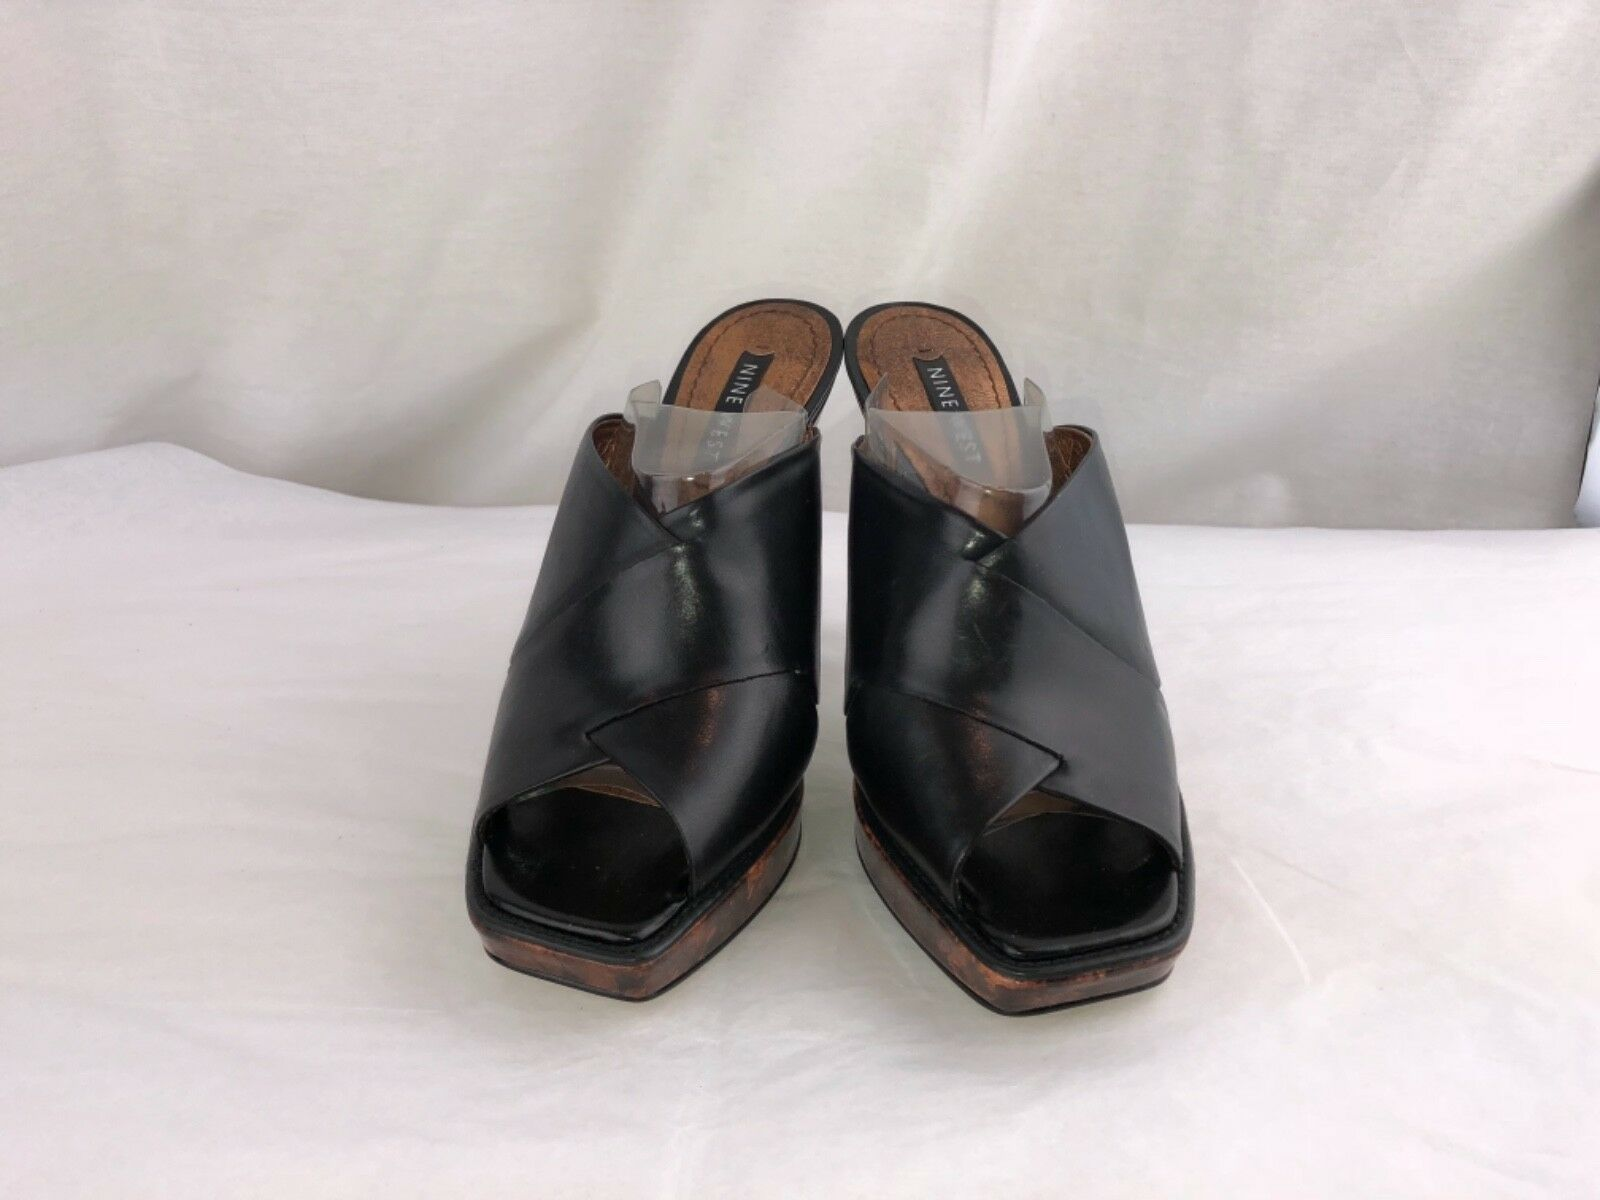 663ff717286 Nine West women s NWinguanti Black slipper high heel shoes 7.5M leather  ohgbwt2673-Women s Heels